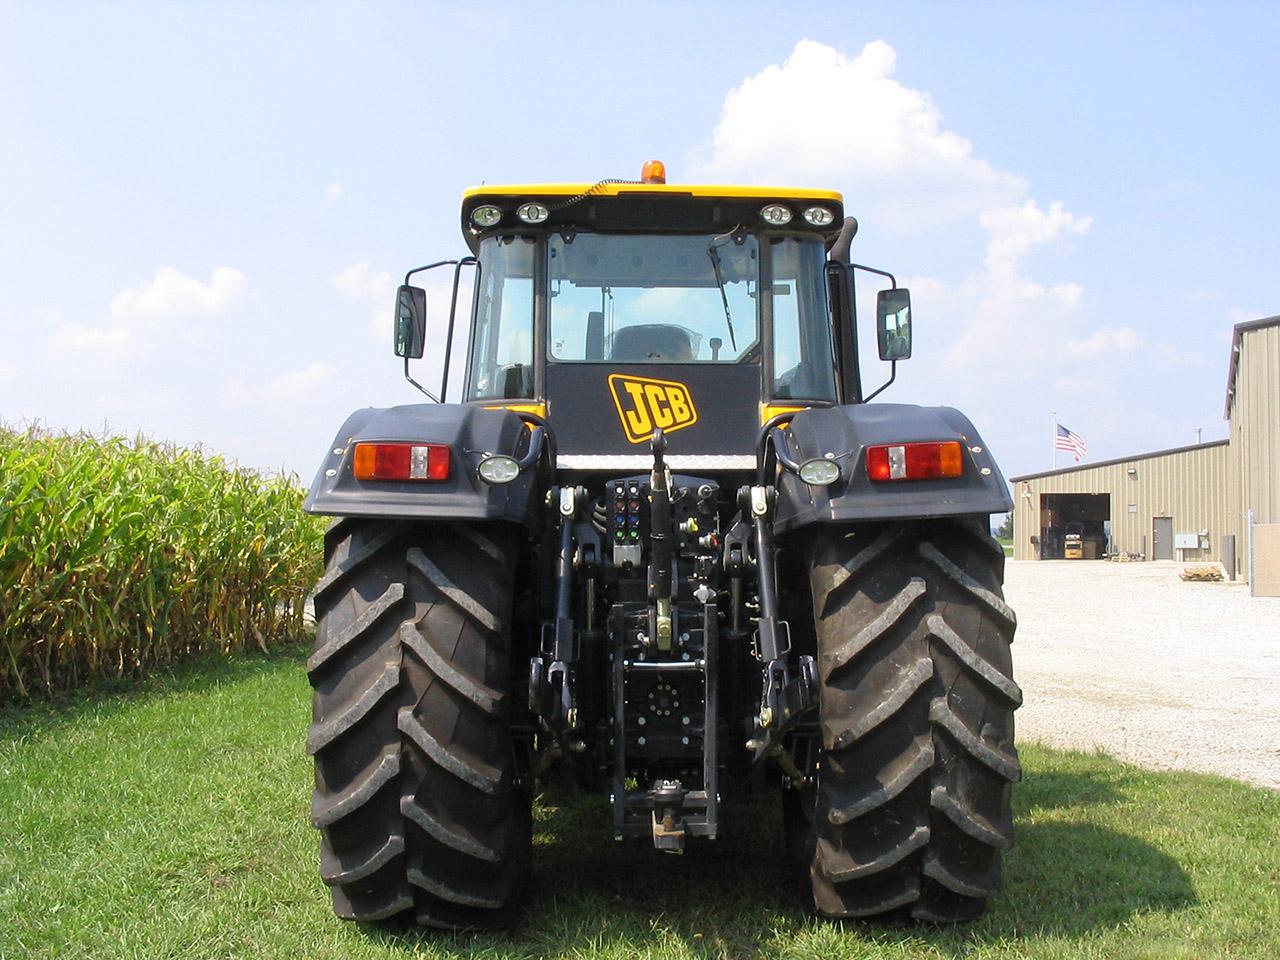 The JCB Fastrac tractor